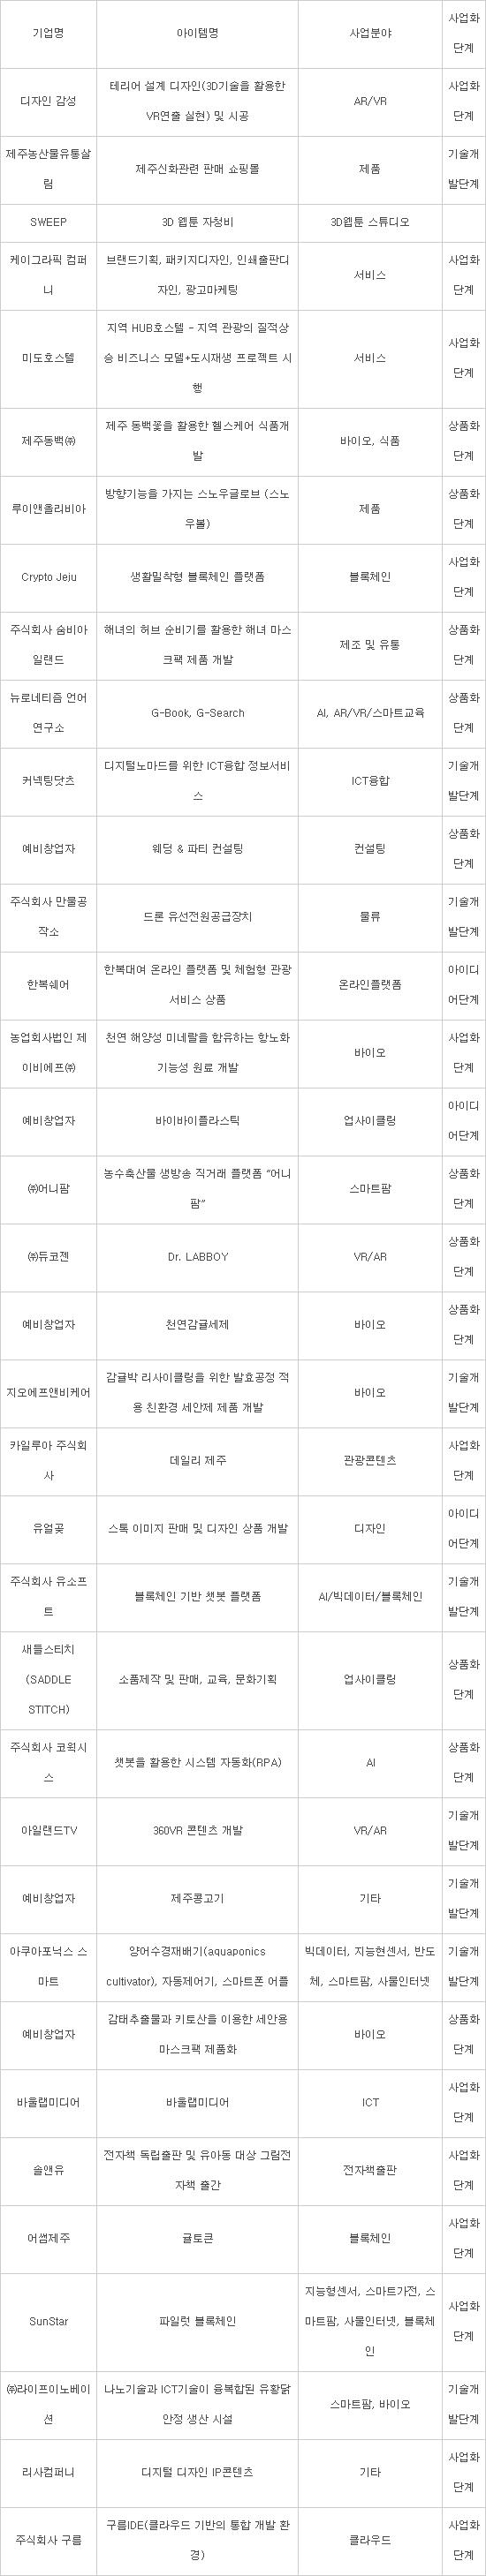 이색 핀테크 기업 '성지'로 부상한 서귀포